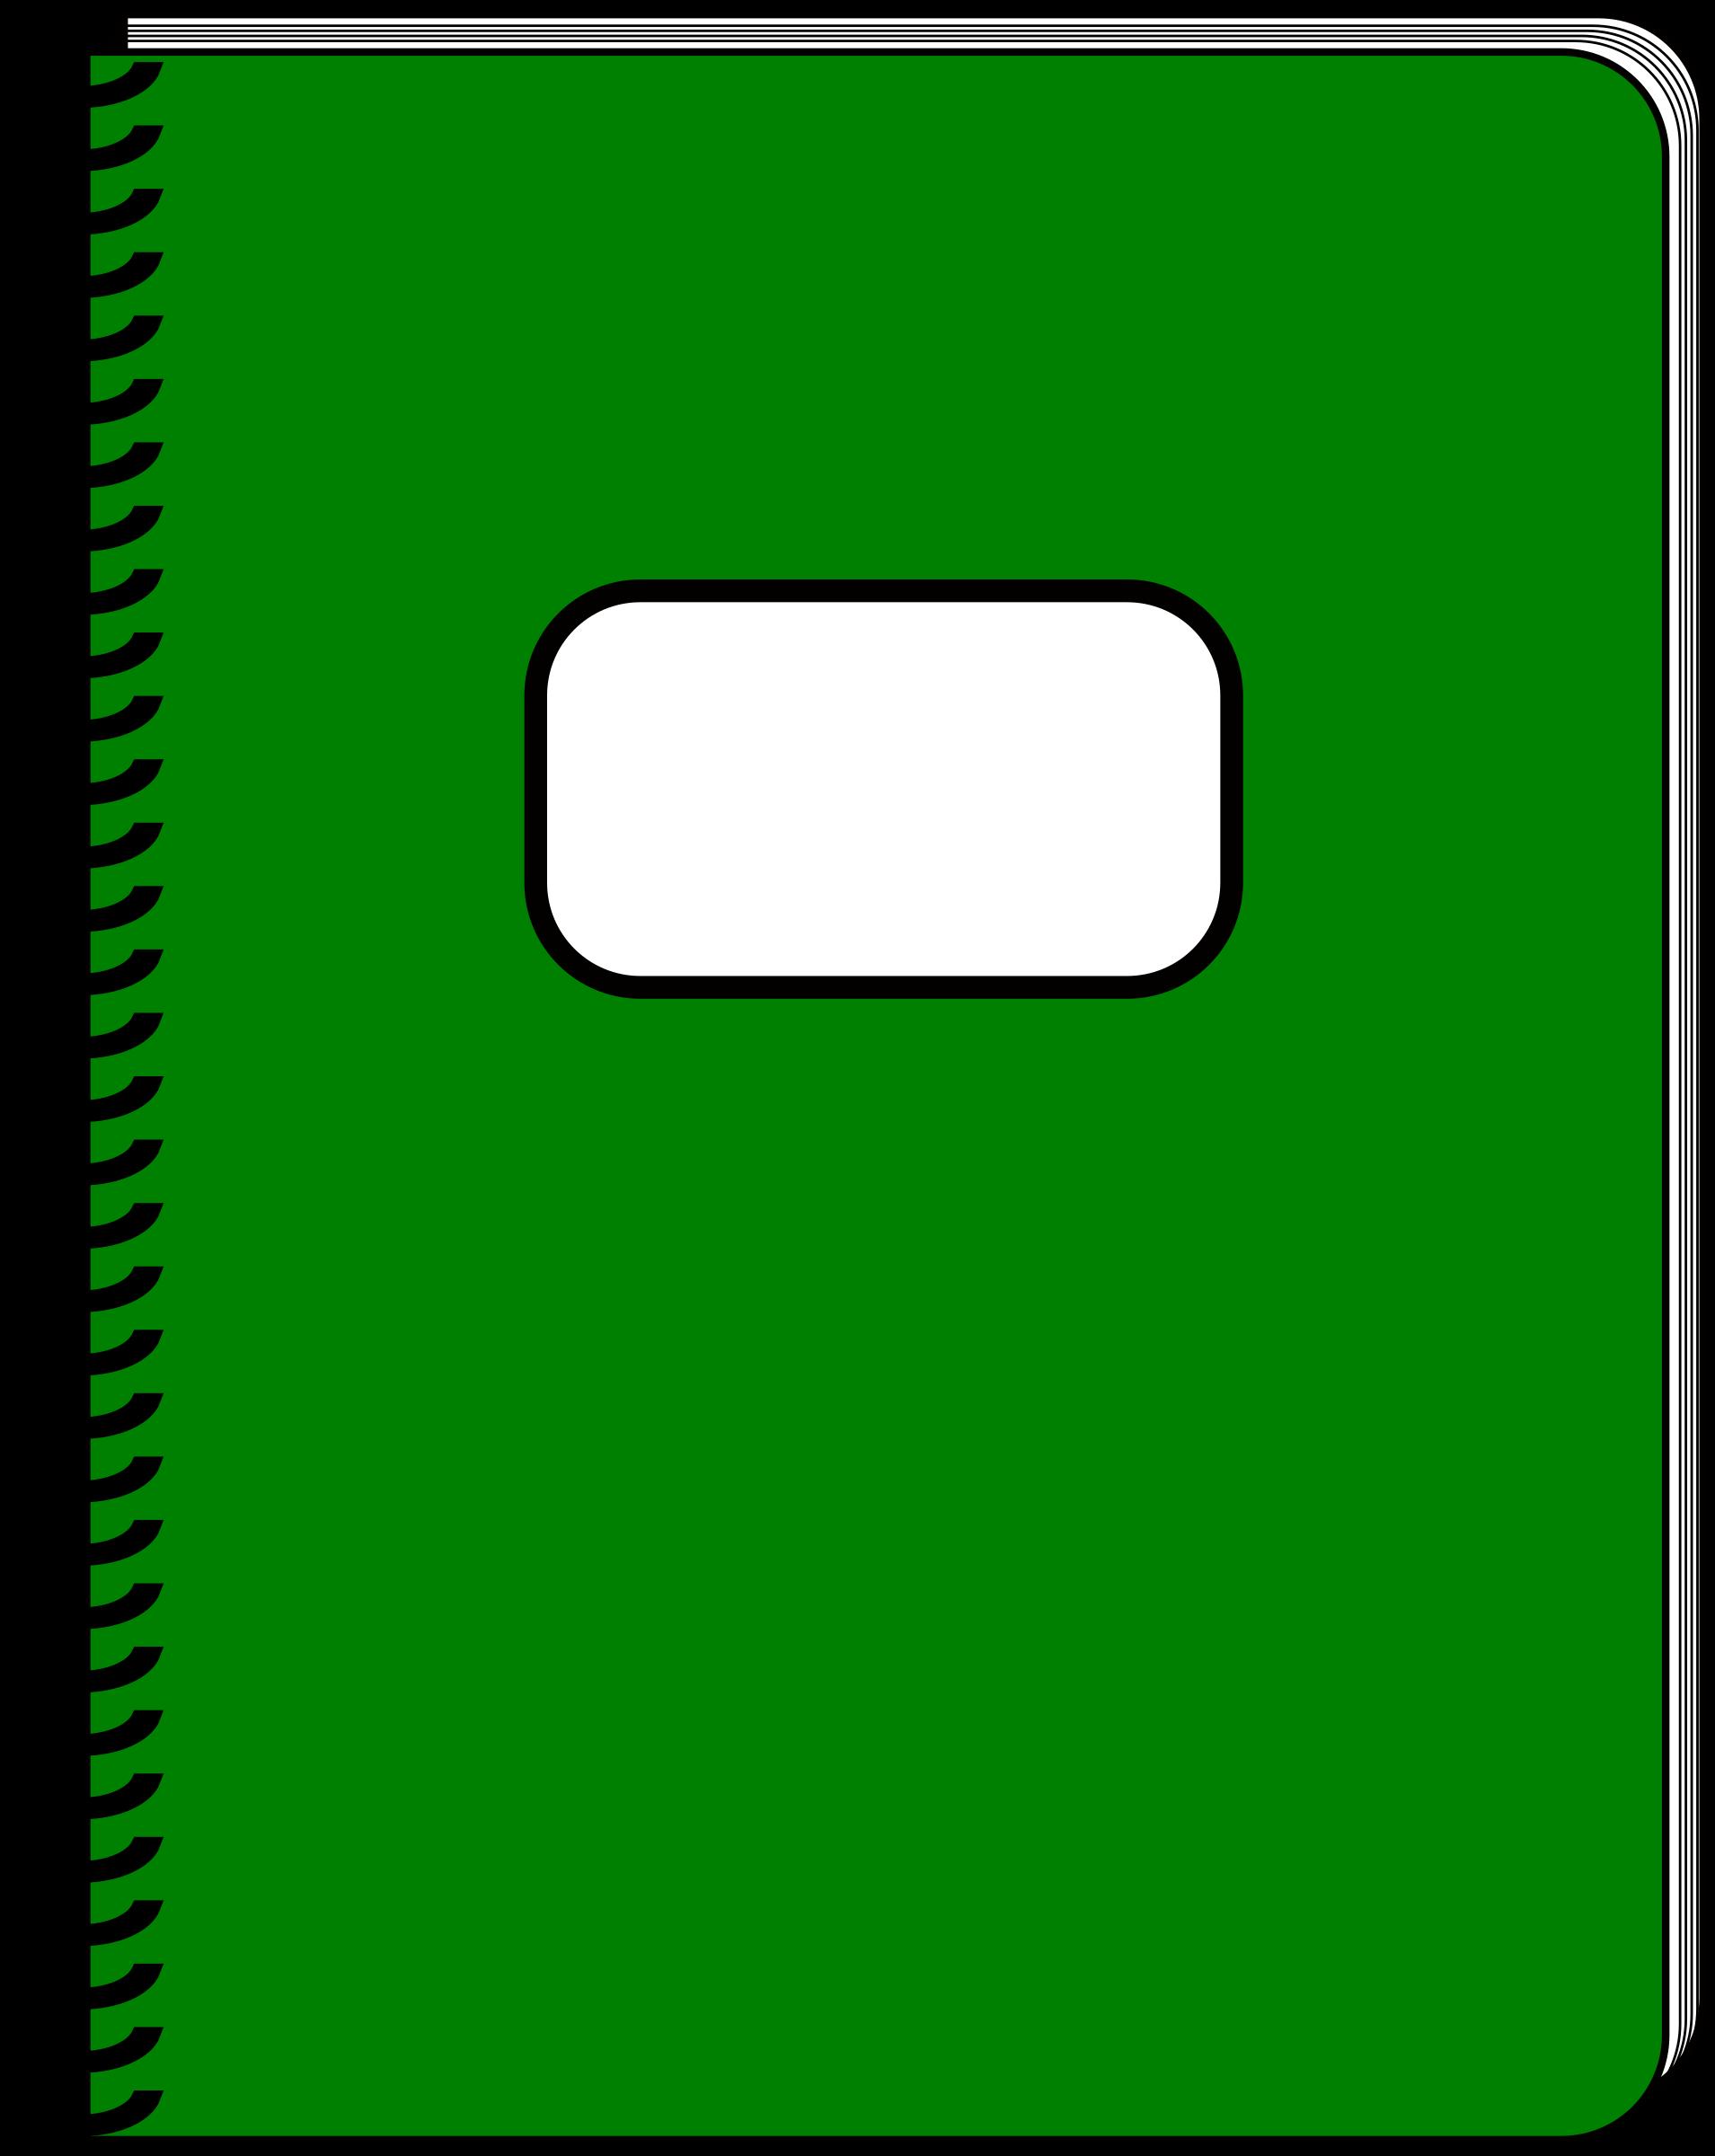 Notebook clipart green notebook.